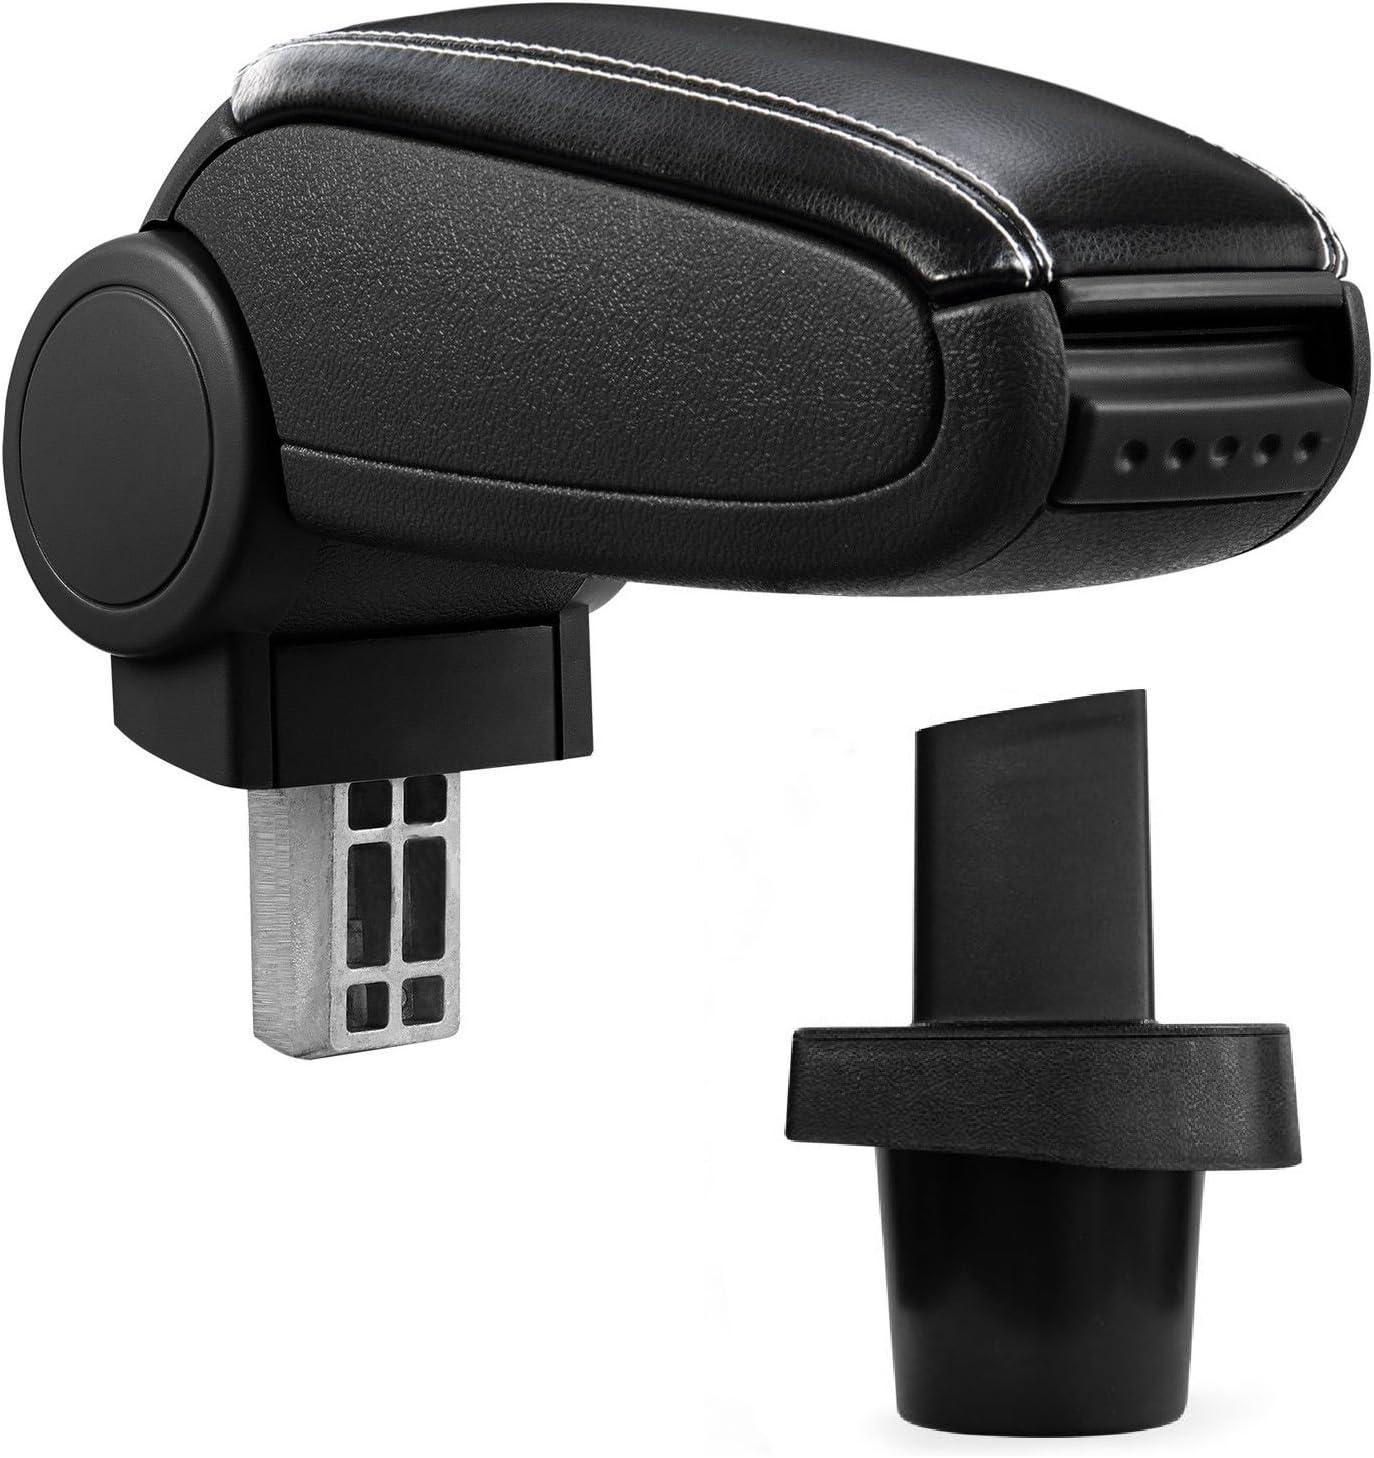 Mittelarmlehne Mittel Armlehne Mit Klappbarem Staufach Mittel Konsole Leder Fahrzeugspezifisch Farbe Schwarz Auto